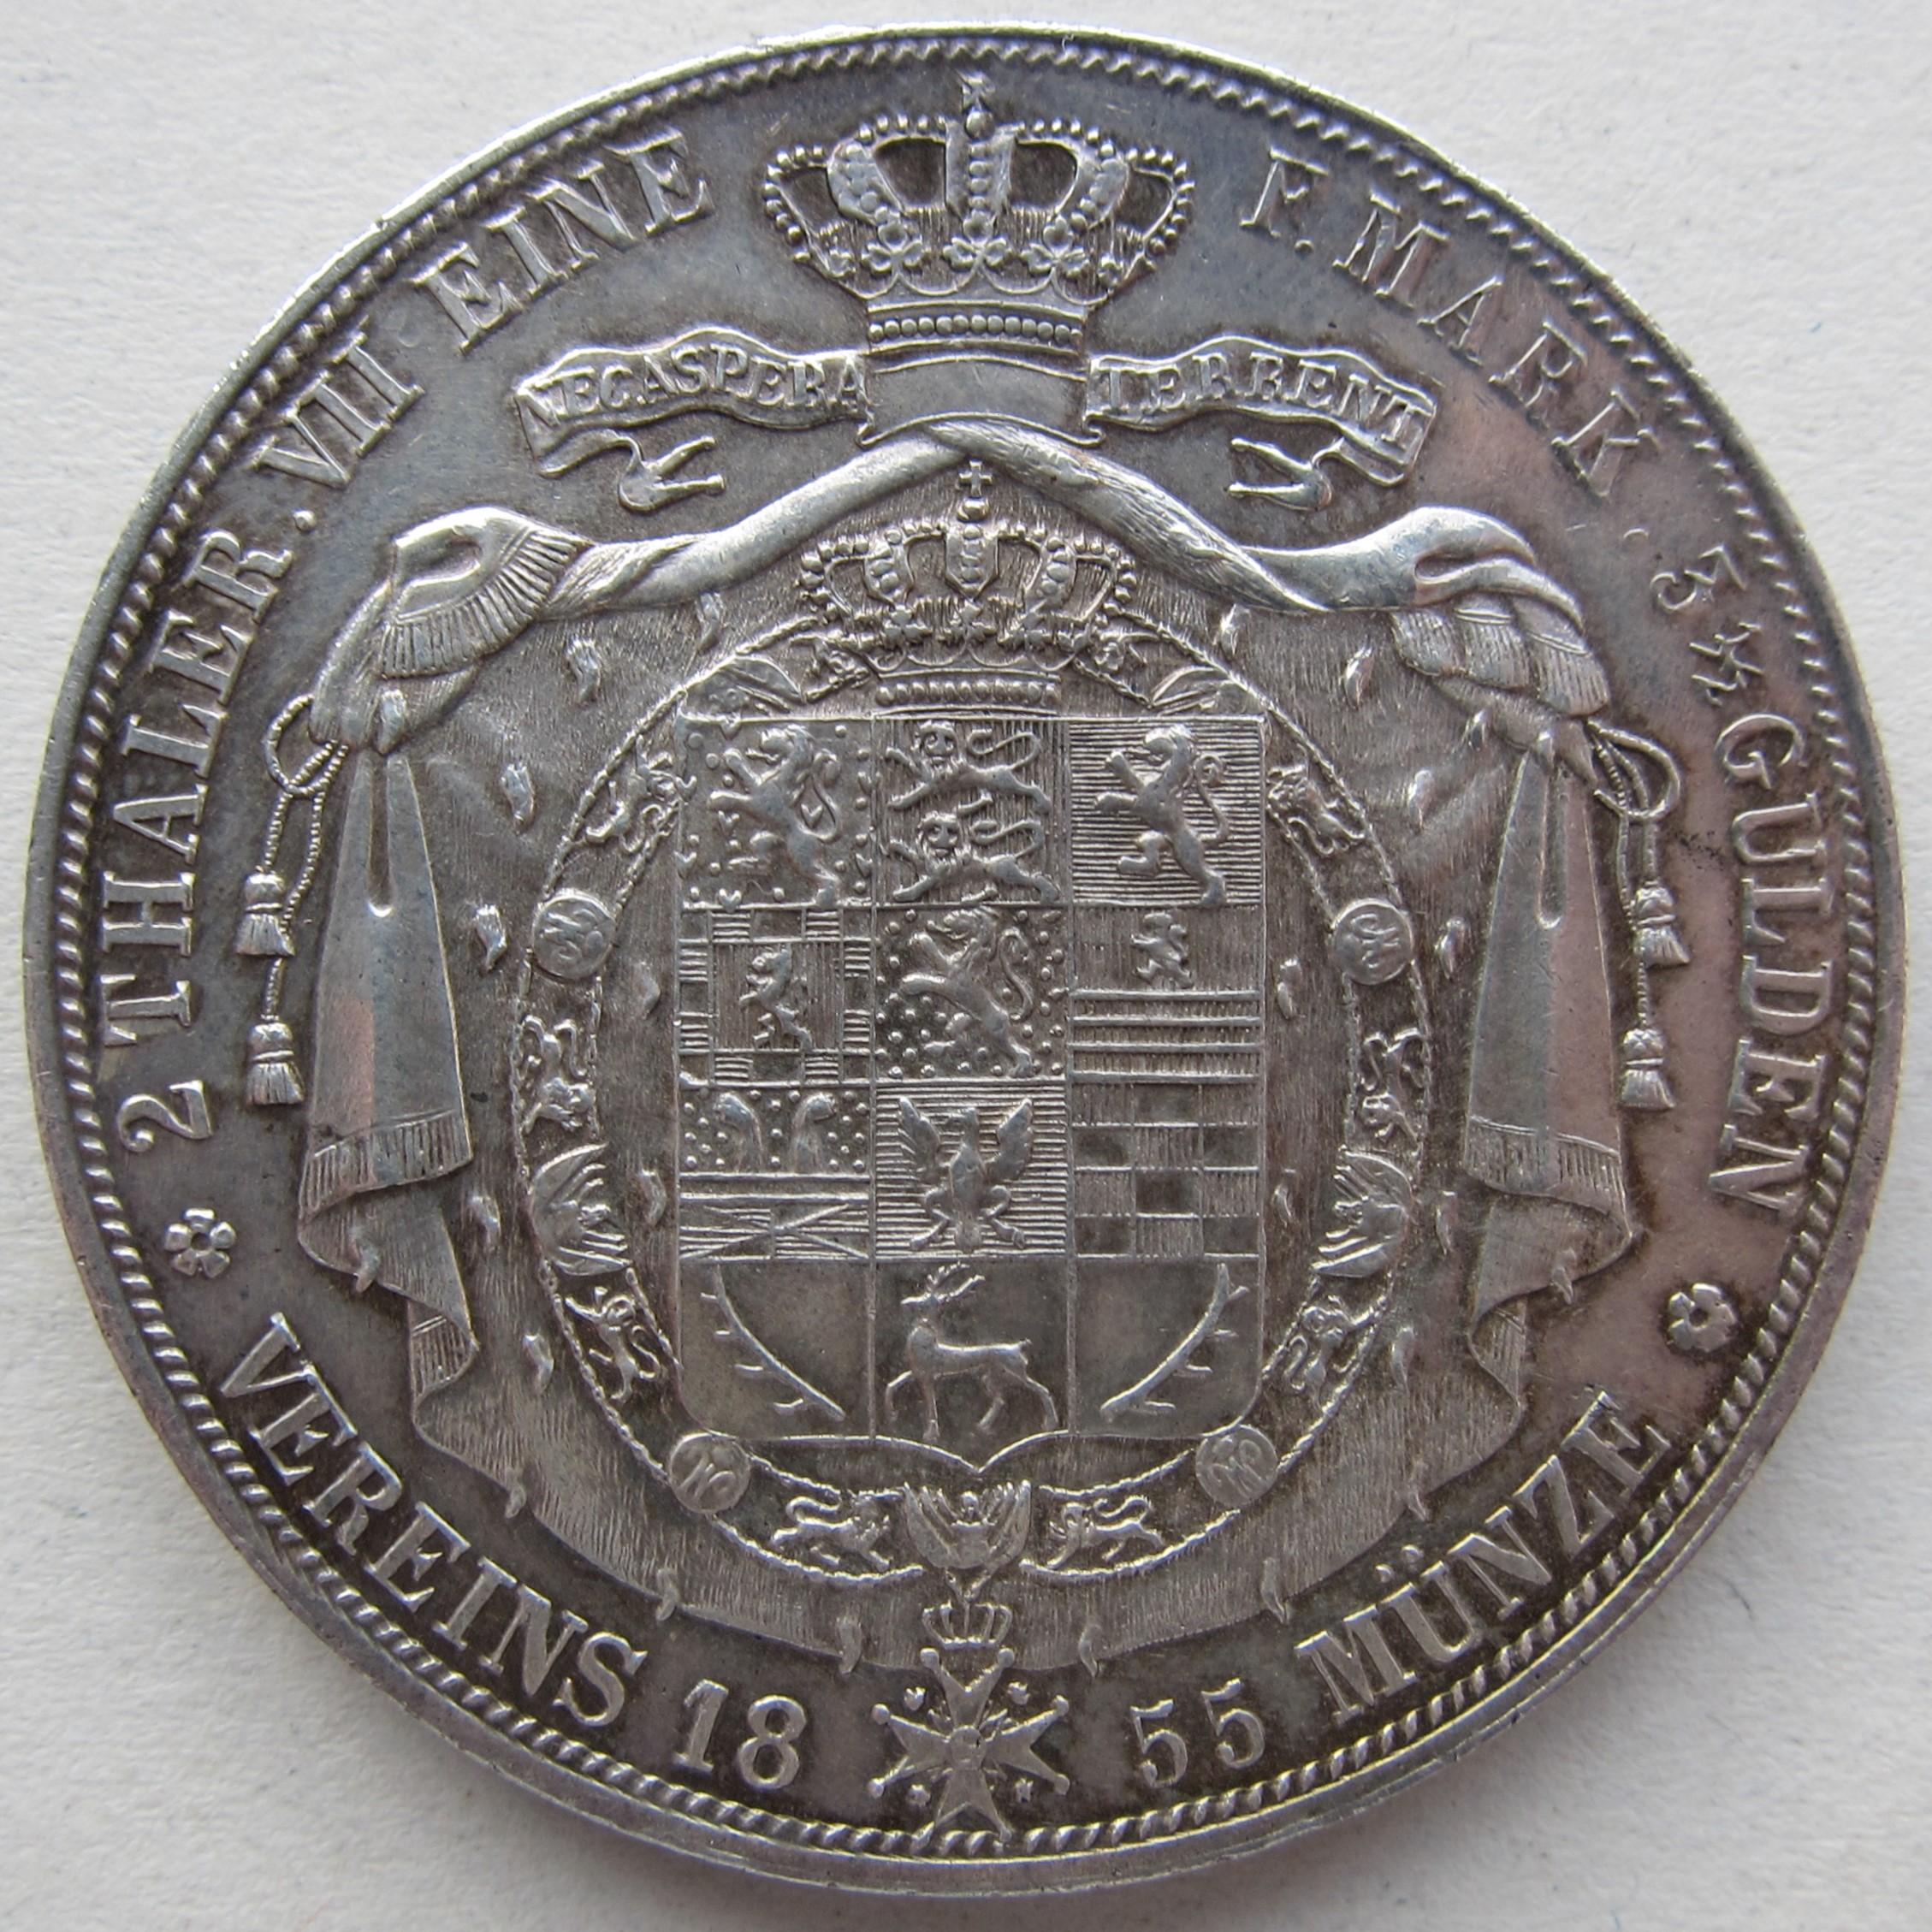 Braunschweig AKS 73 1855 Doppeltaler Rv.jpg